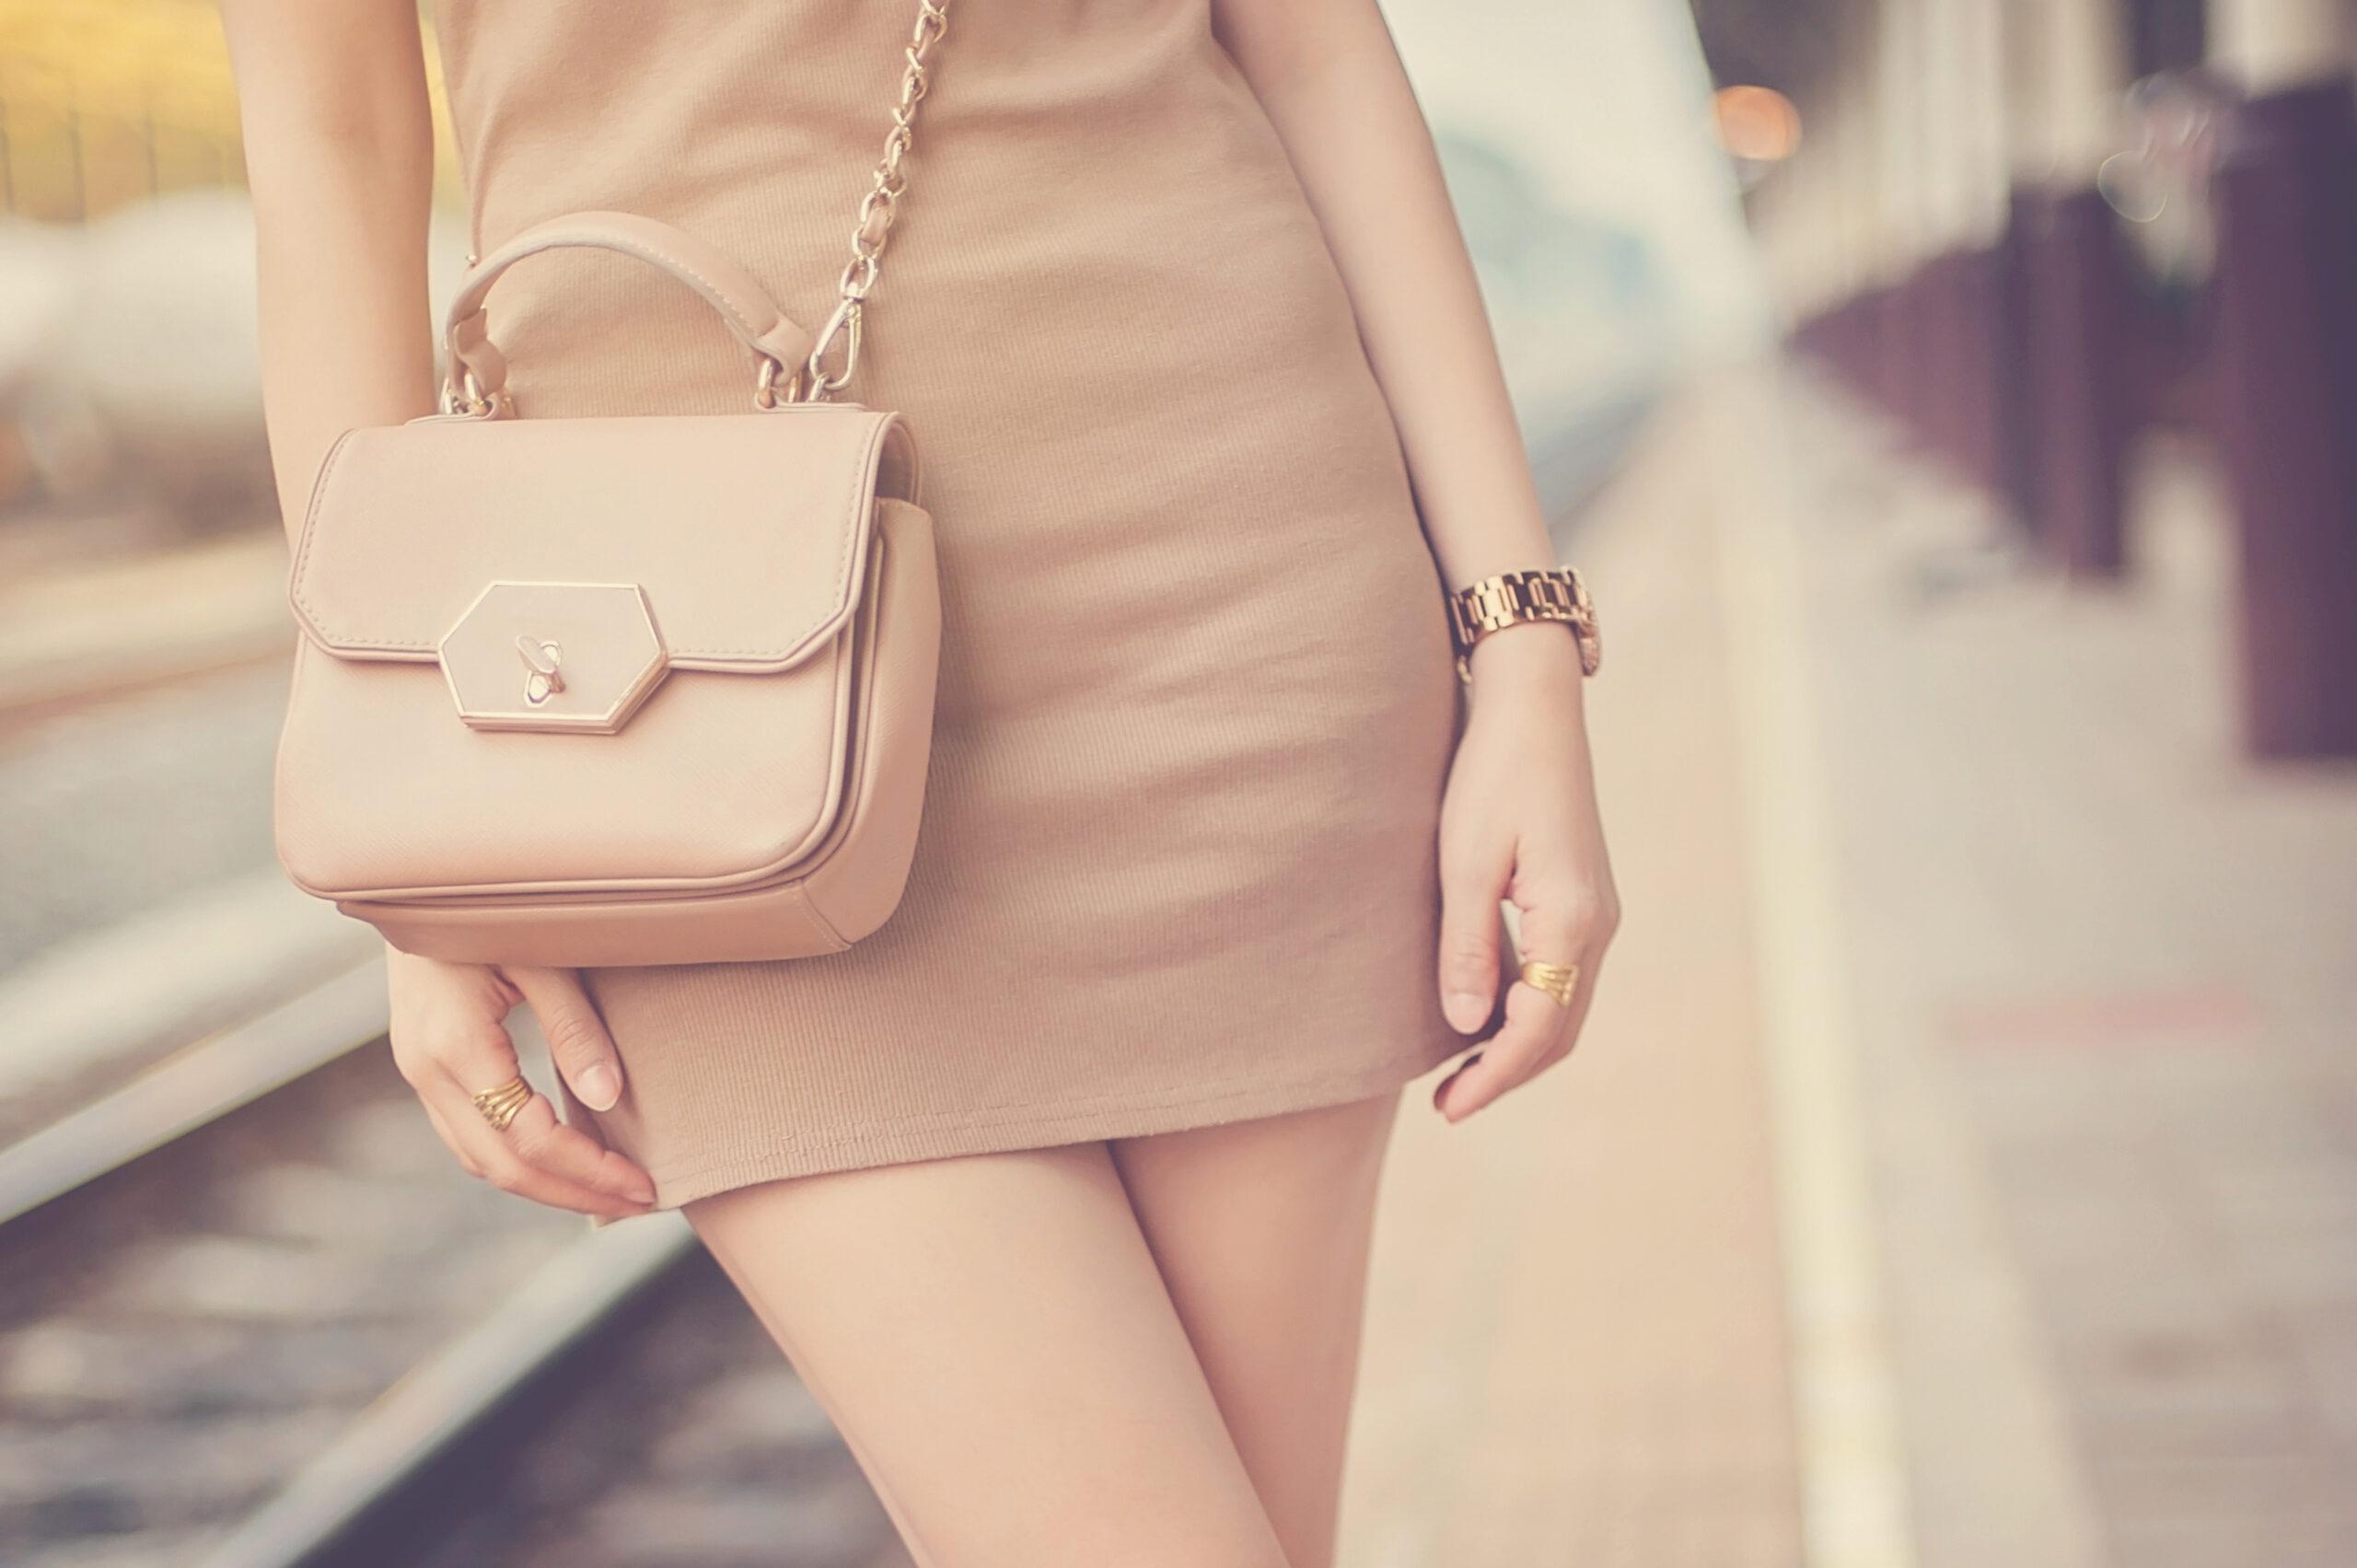 そのバッグちょっと大きすぎません?